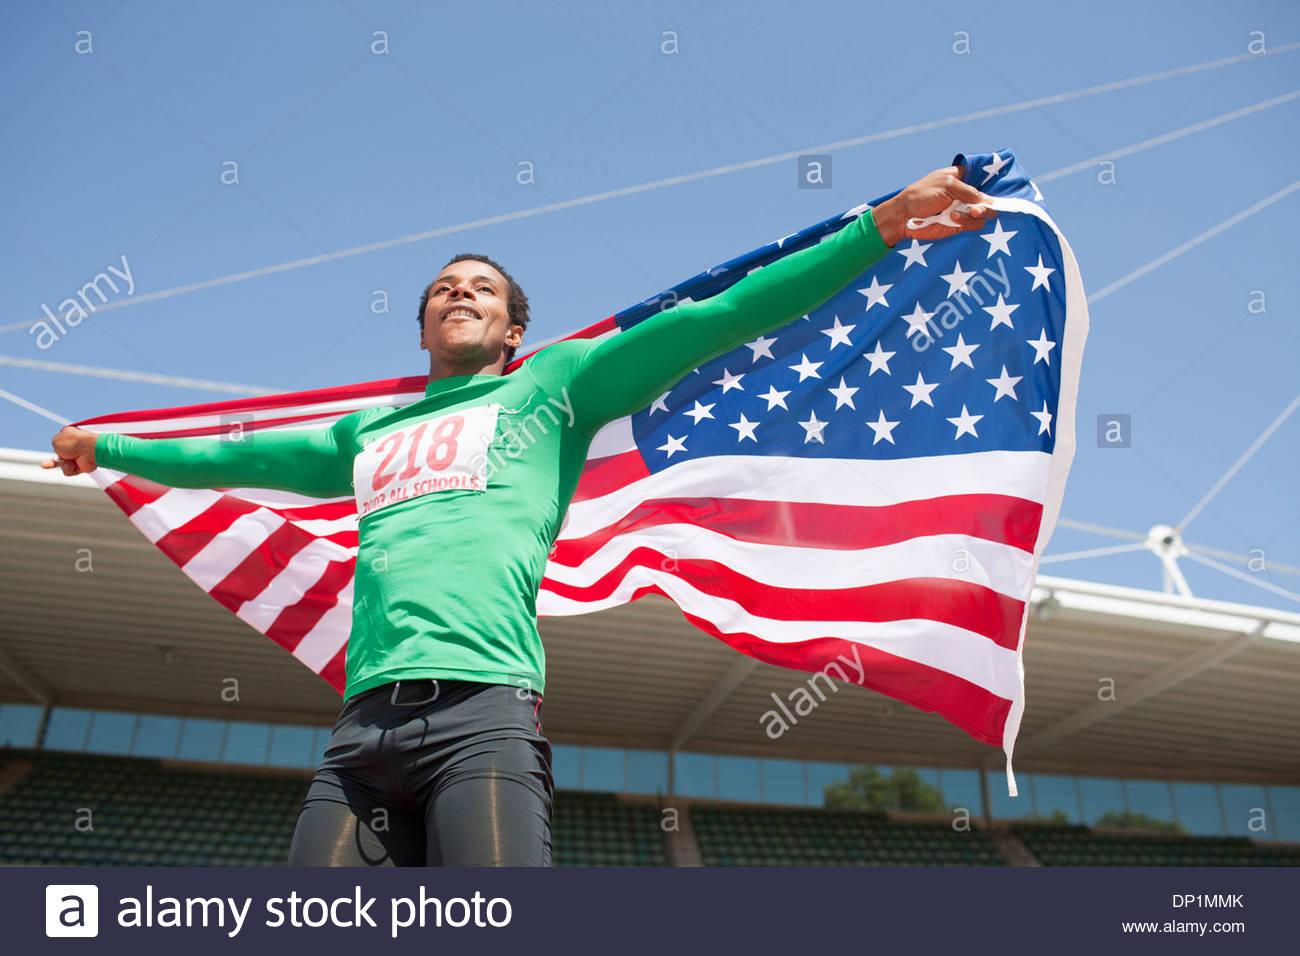 Runner celebrando en la pista con bandera americana Imagen De Stock